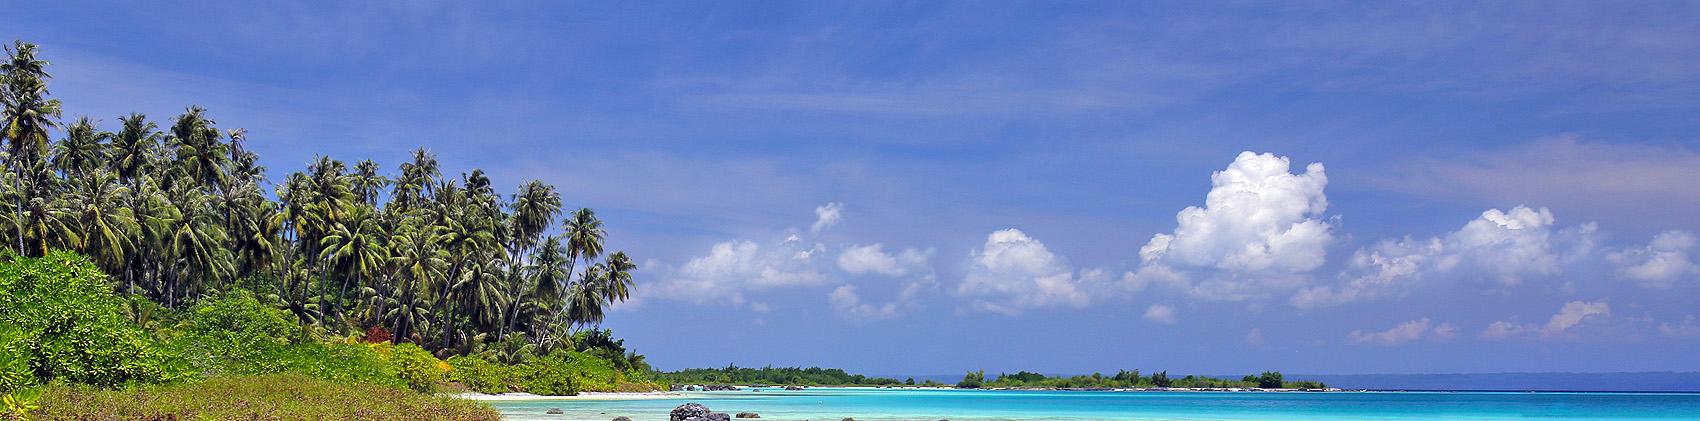 Wunga Island off the west-coast of North Nias (Nias Utara), Nias Island, Indonesia.